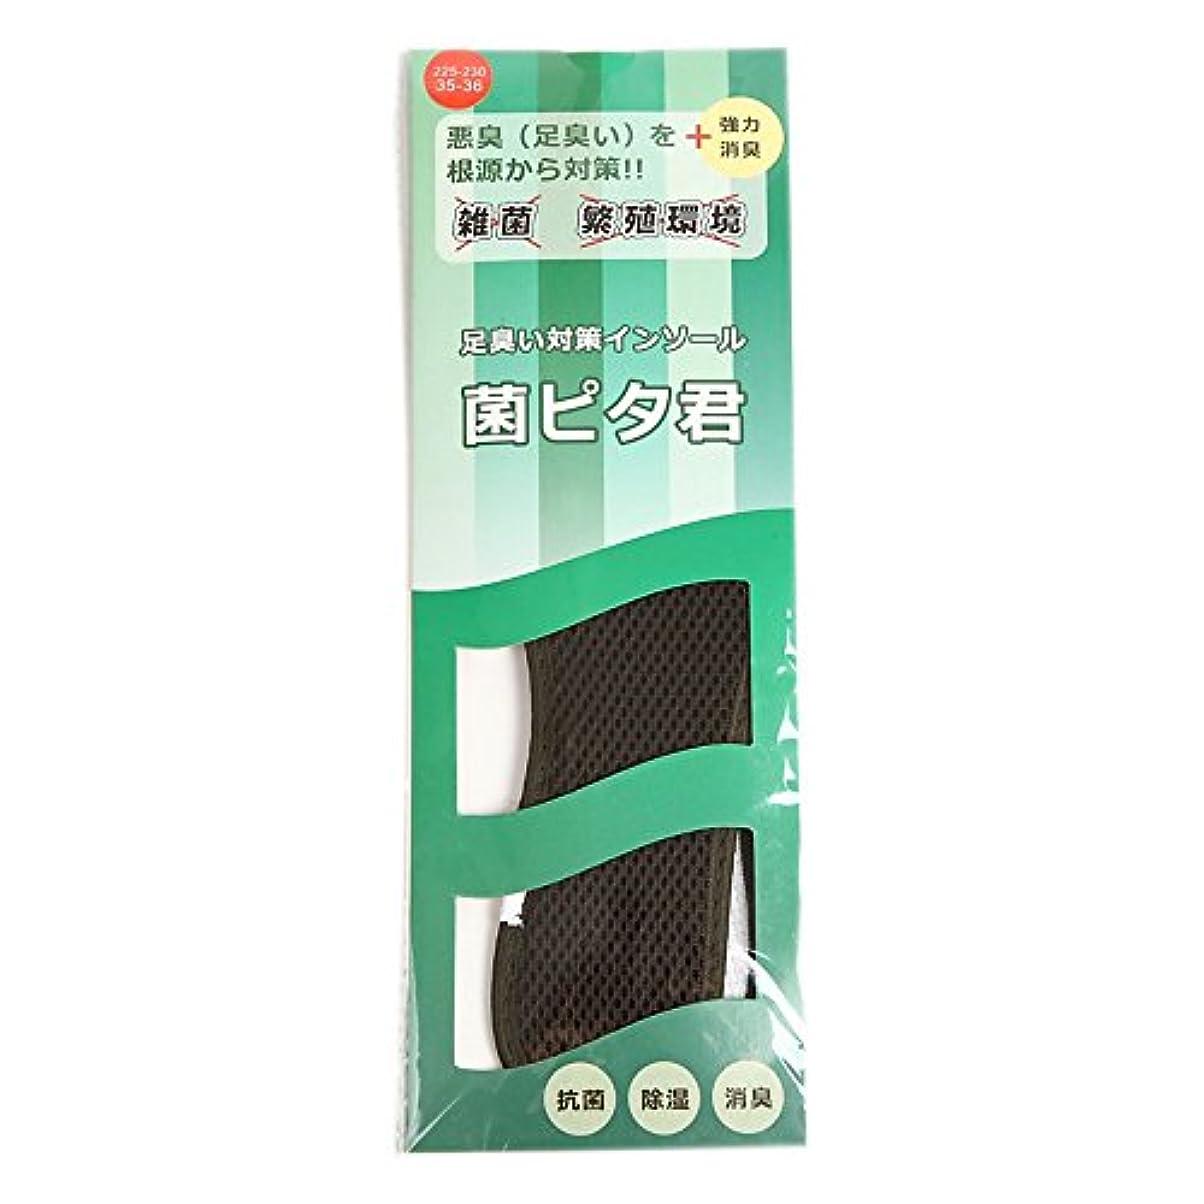 確かなレイアウト継続中足臭い対策インソール(靴の中敷) 菌ピタ君 1足分(2枚入) (29.5~30cm)